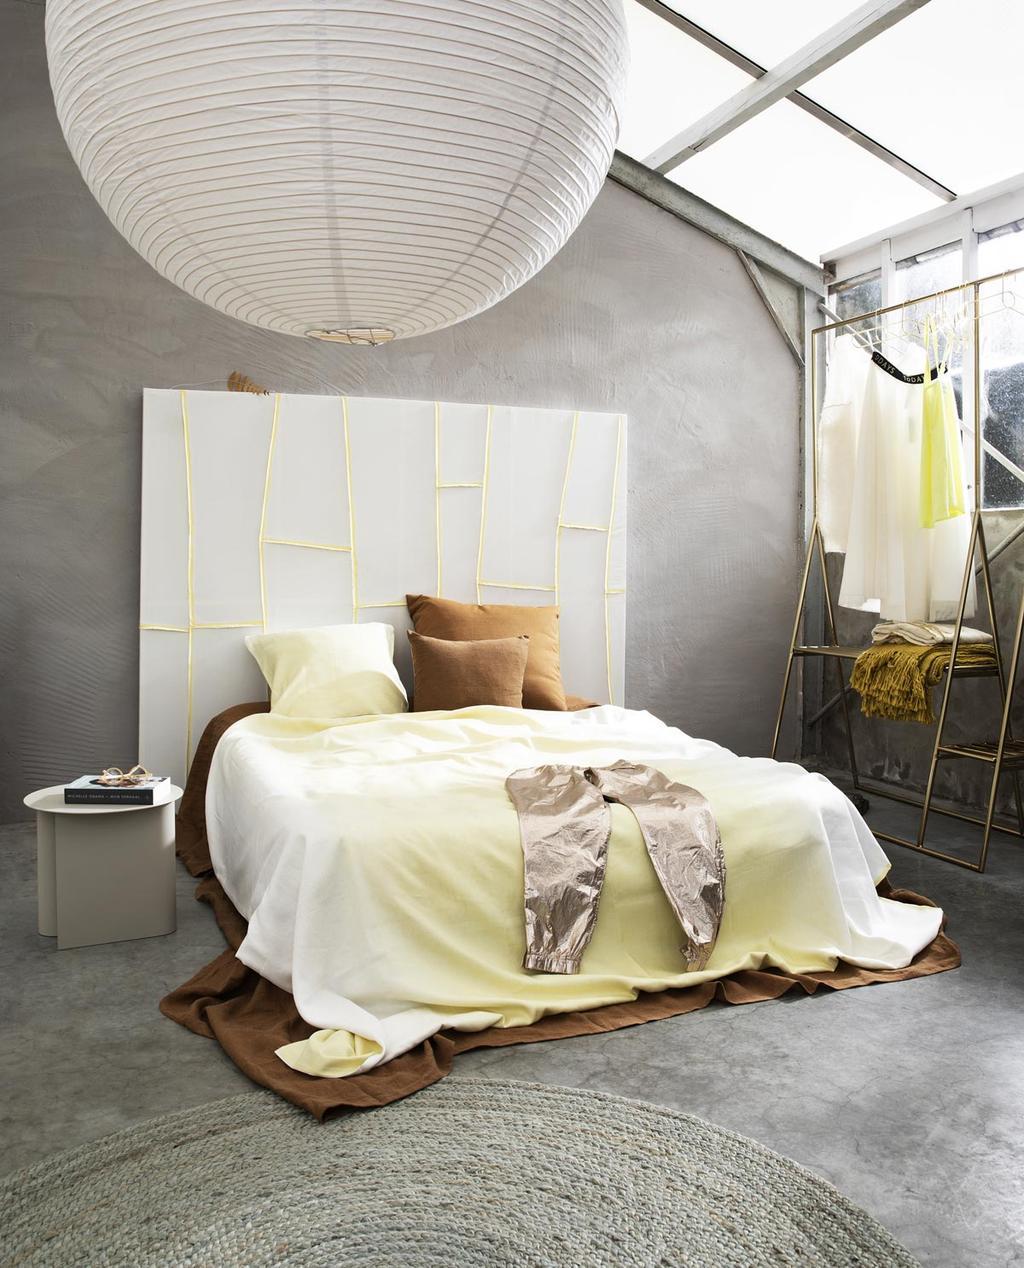 Slaapkamer met frisgele accenten.